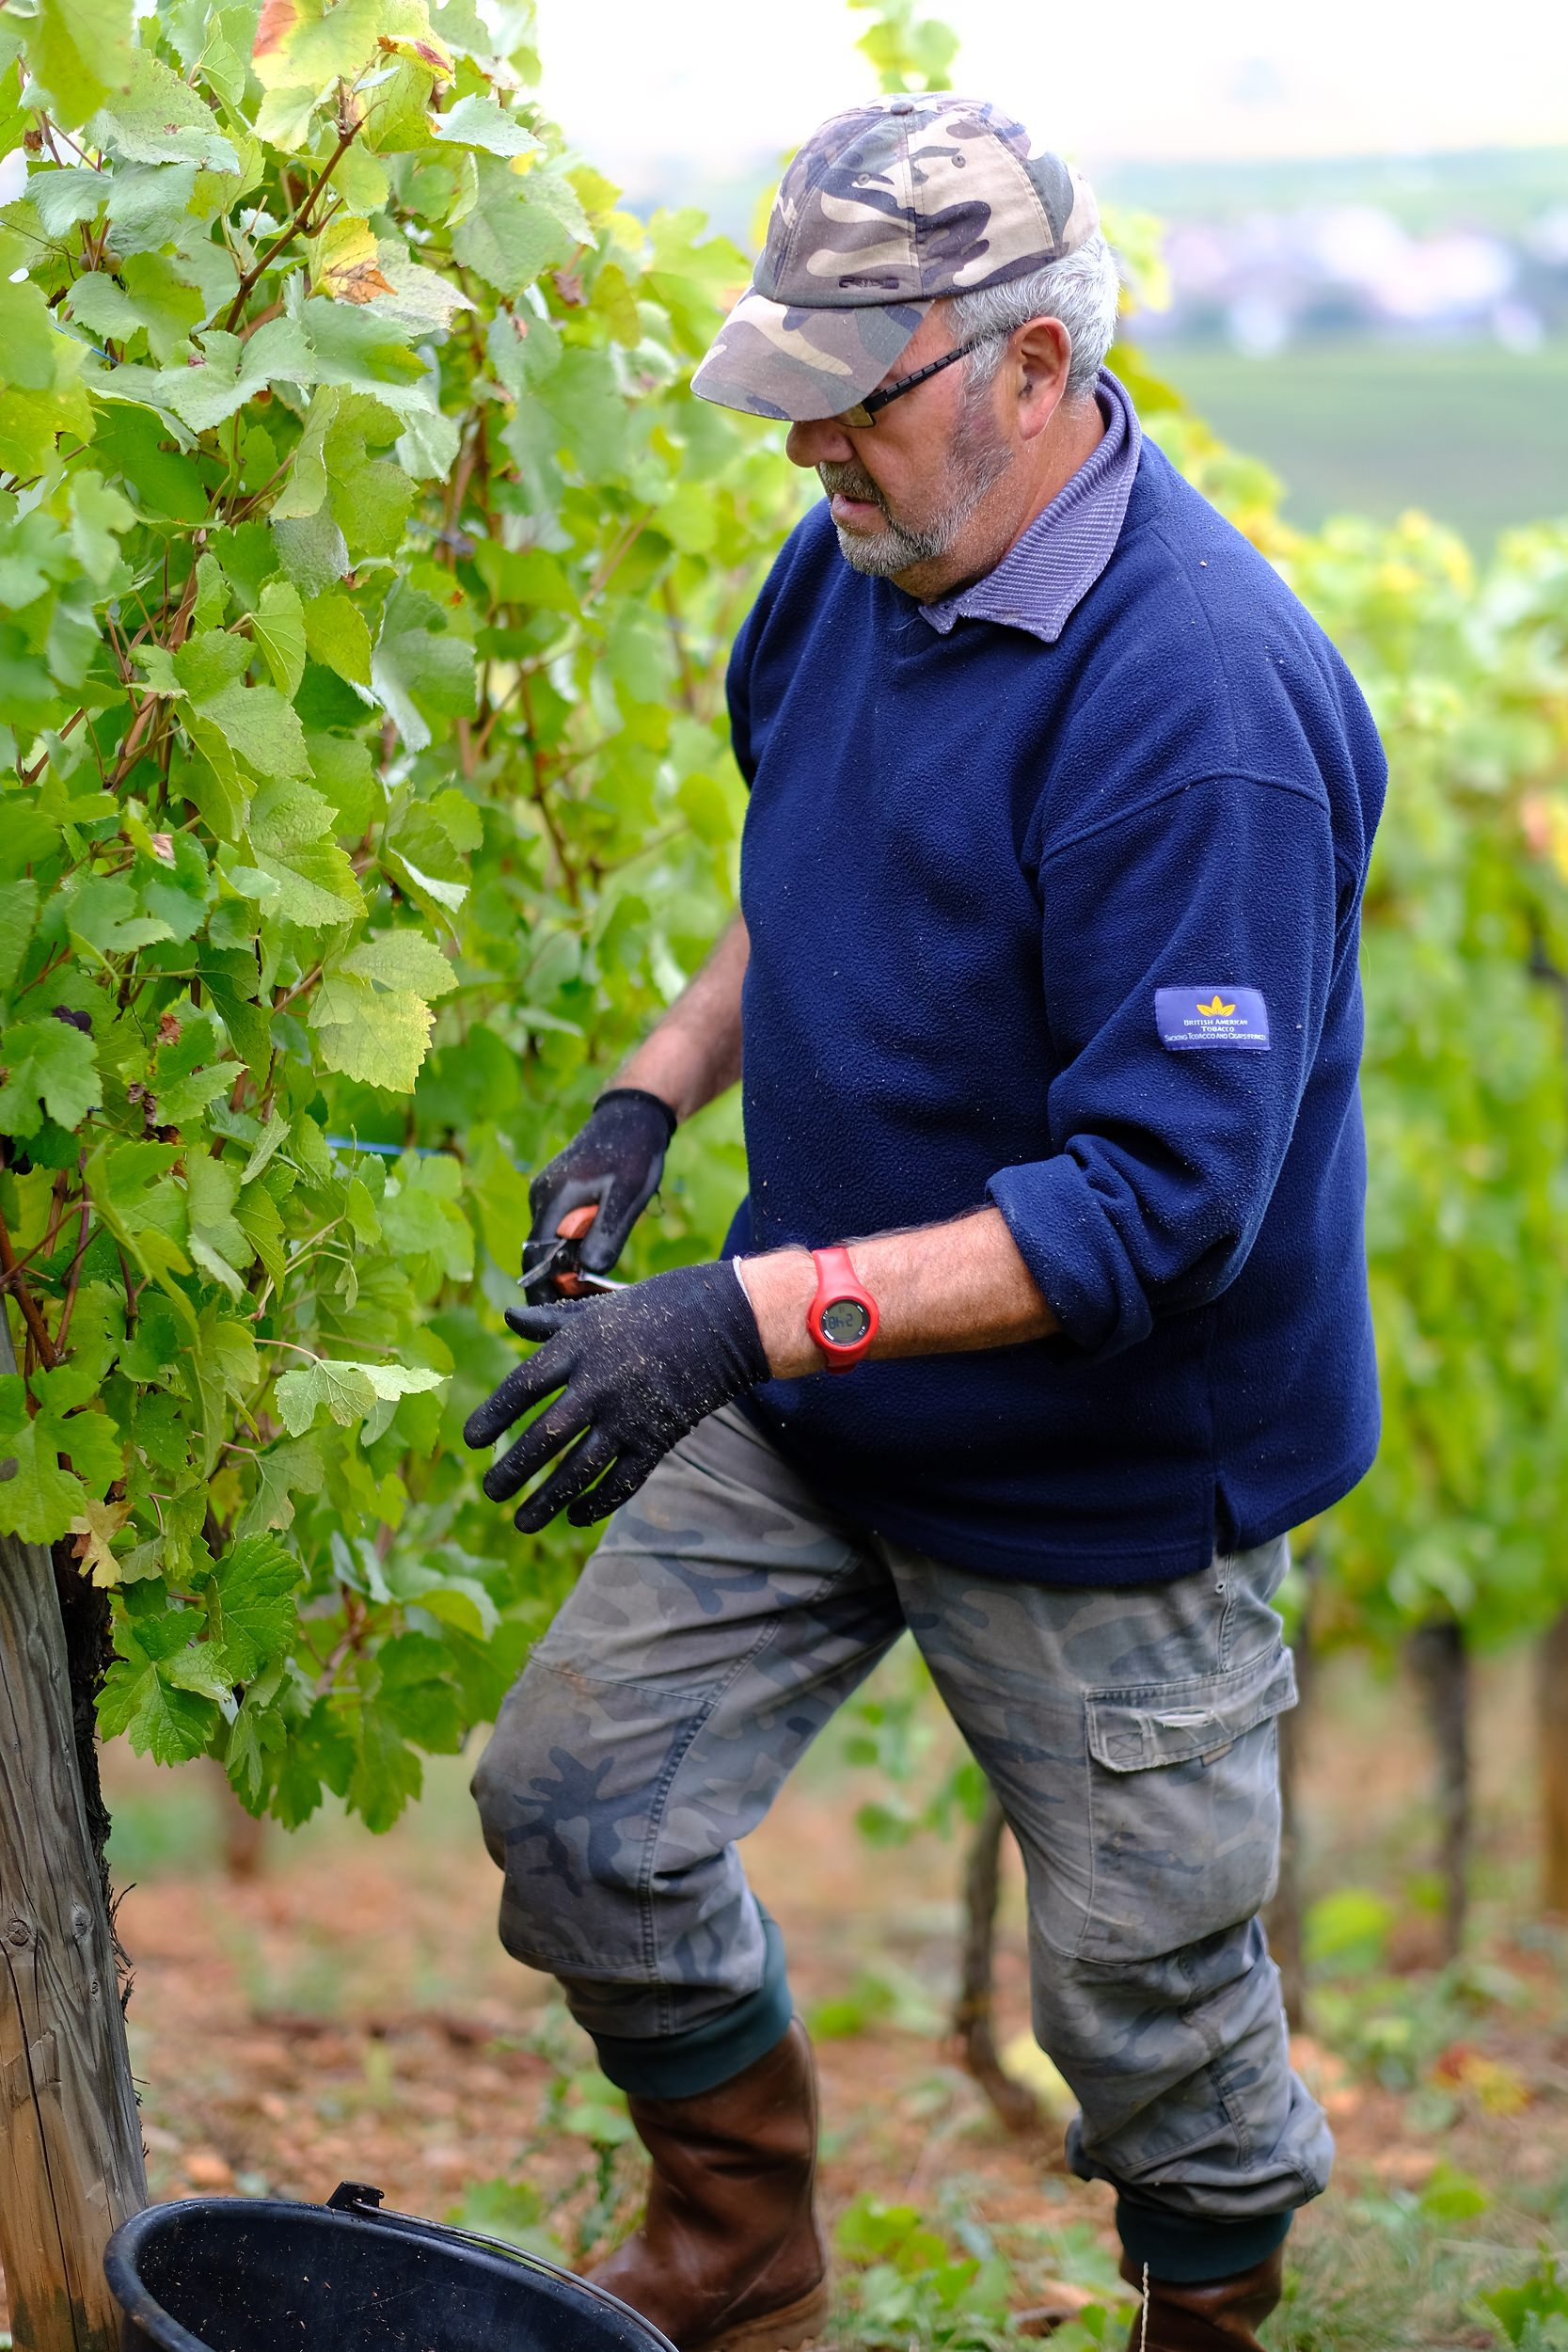 fotoreportage-wijn produceren-Vignoble des 2 lunes-Bosman Wijnkopers-468.jpg